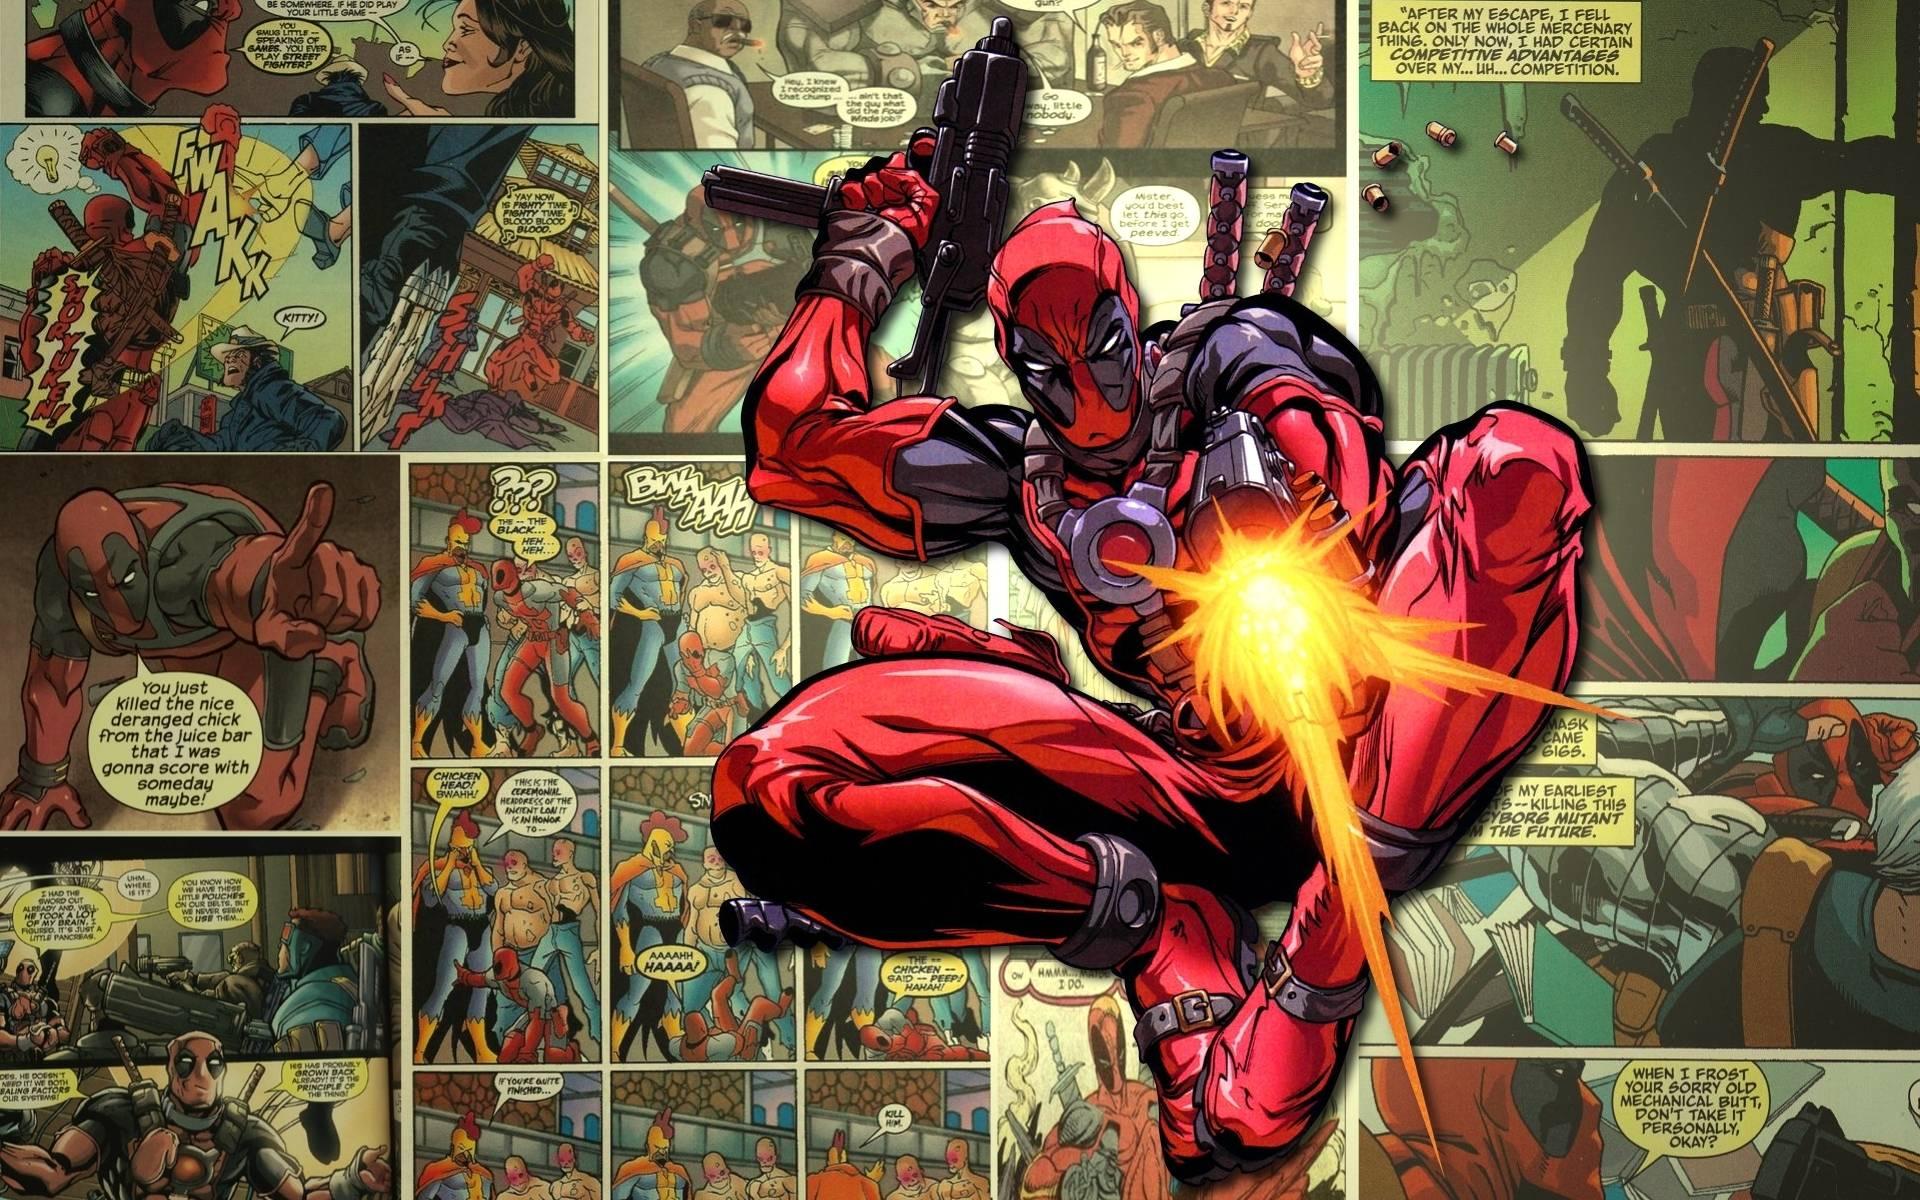 Deadpool Wallpapers - Full HD wallpaper search